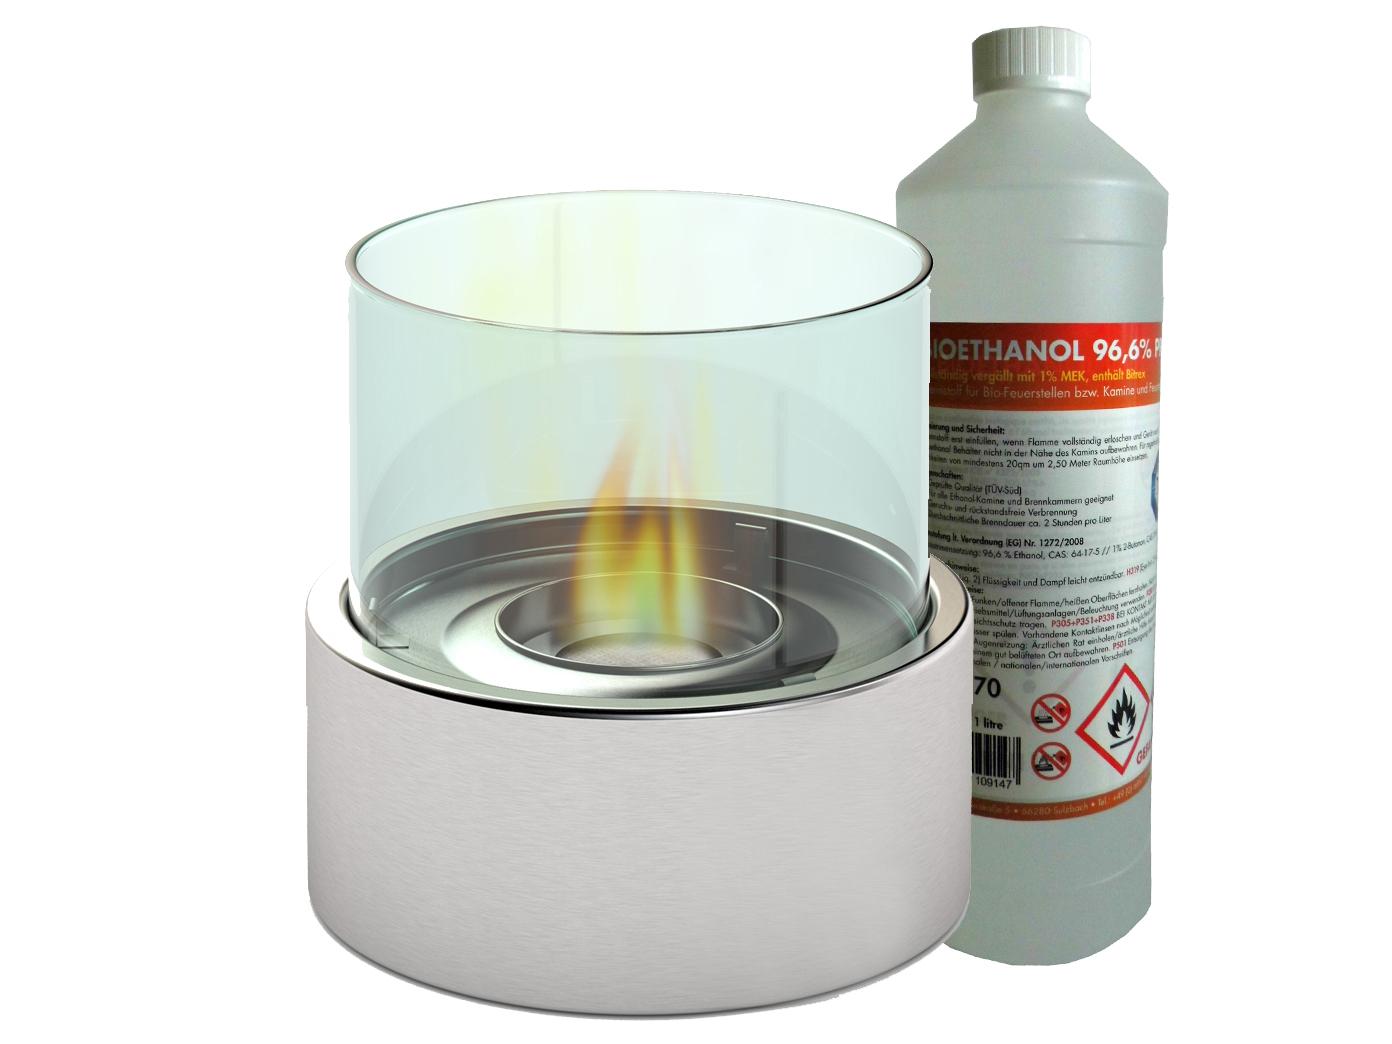 design tischfeuer 1 liter bio ethanol 16cm tischkamin deko feuer glaskamin eur 26 99. Black Bedroom Furniture Sets. Home Design Ideas